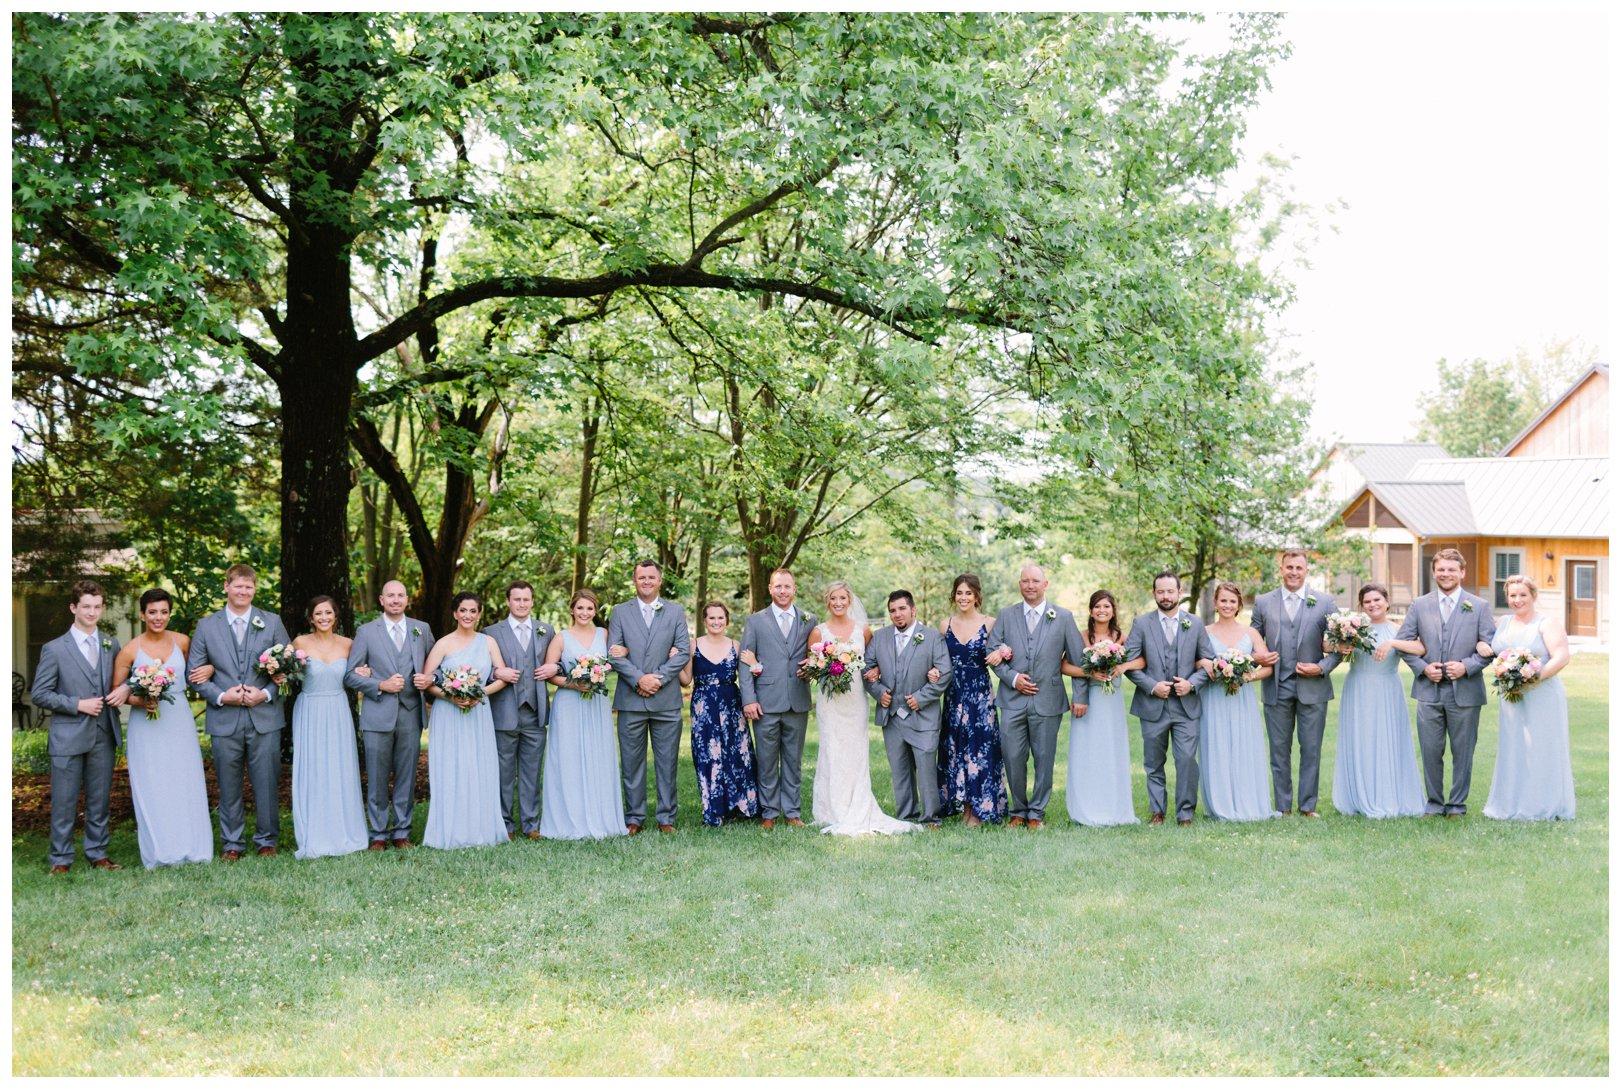 lauren muckler photography_fine art film wedding photography_st louis_photography_2370.jpg